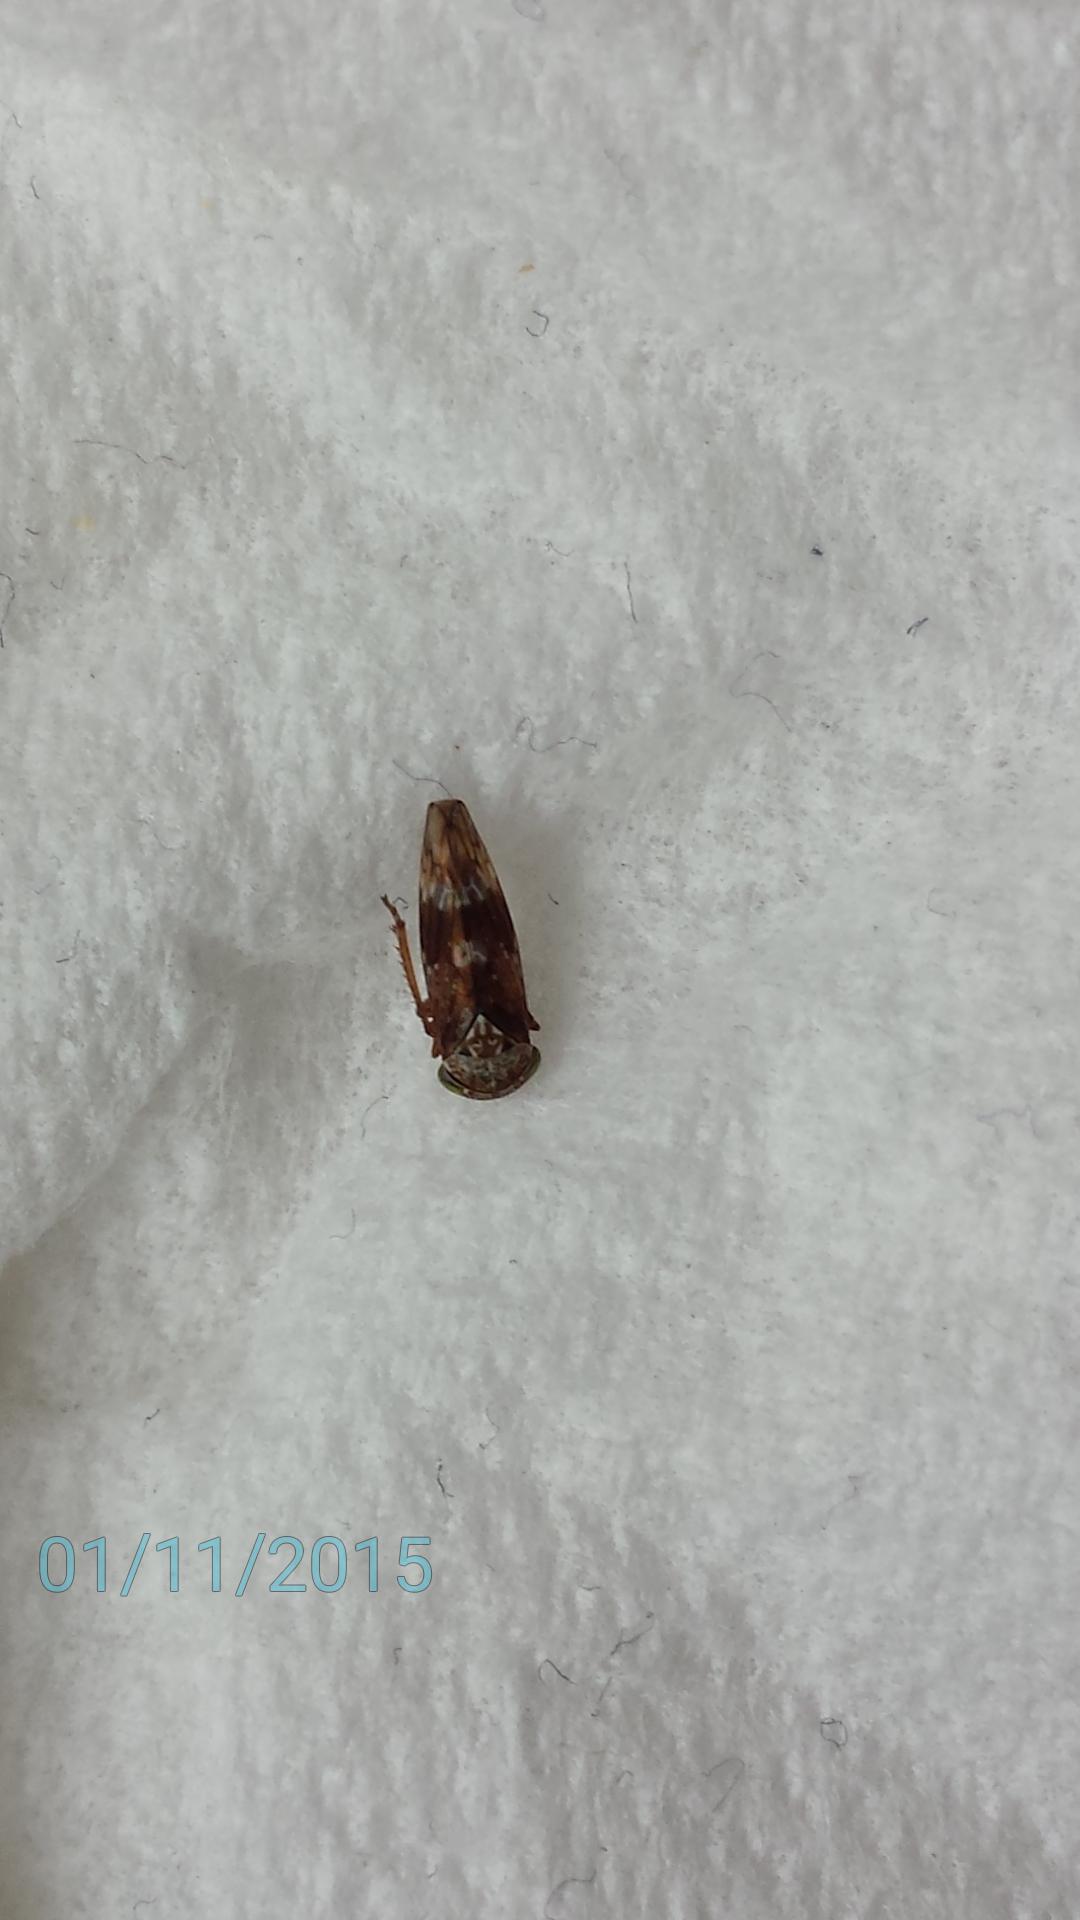 hilfe ich habe heute diese kleine insekten in der wohnung gesehen k nnte mir villeicht. Black Bedroom Furniture Sets. Home Design Ideas